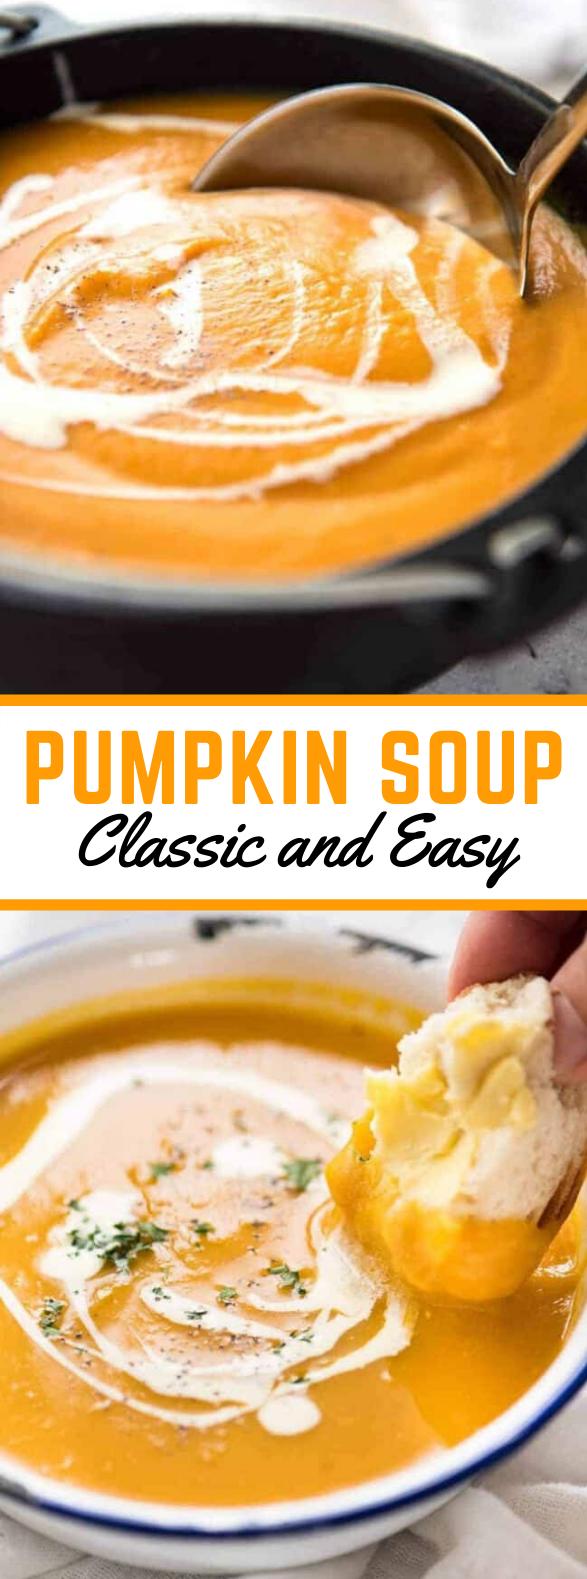 Pumpkin Soup #dinner #meals